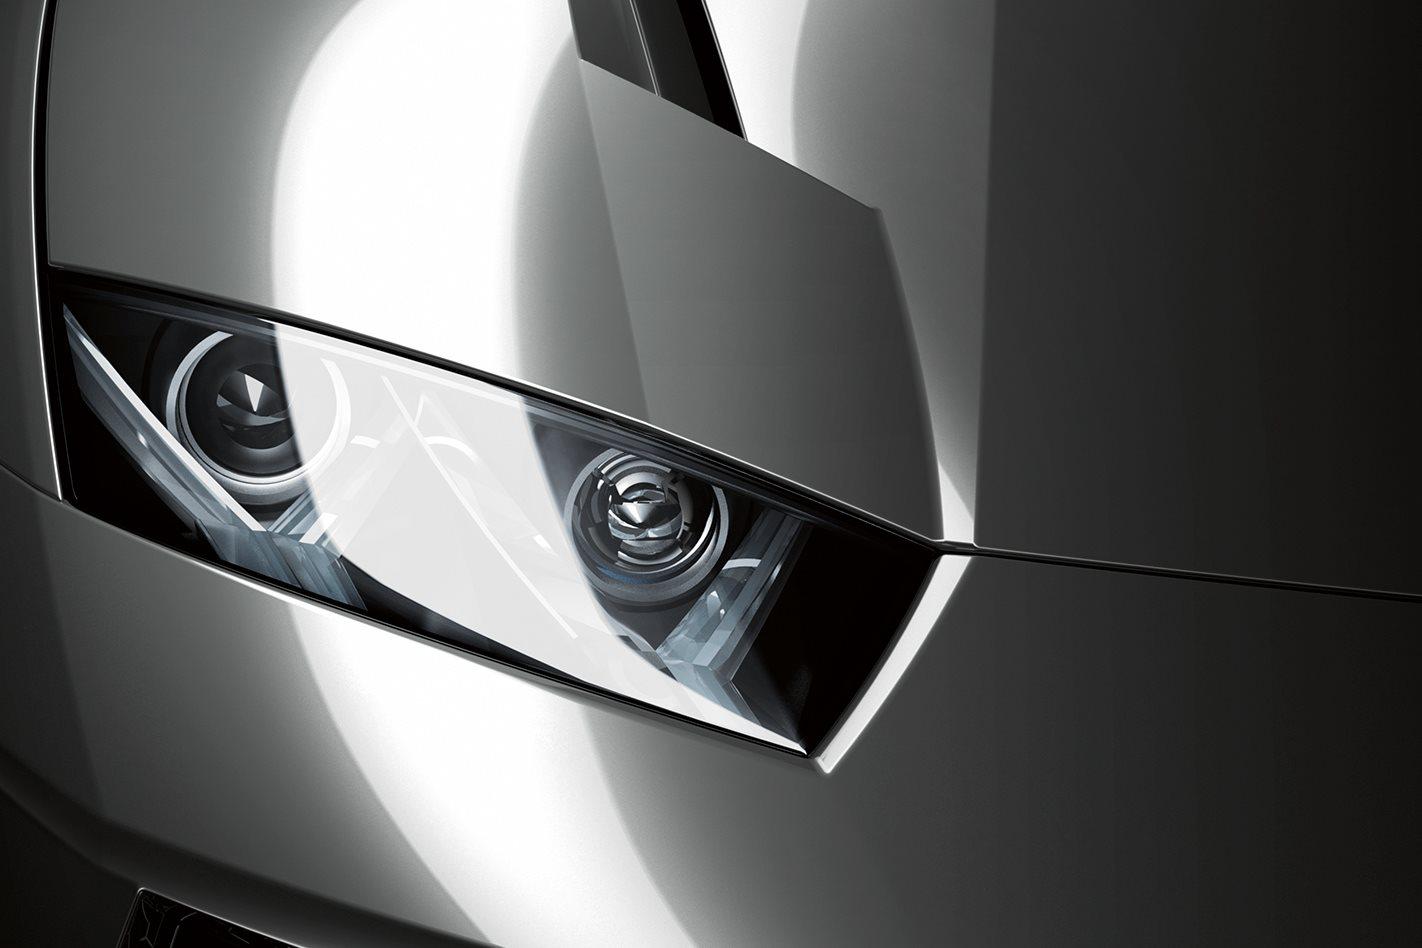 Lamborghini-Estoque-headlight.jpg